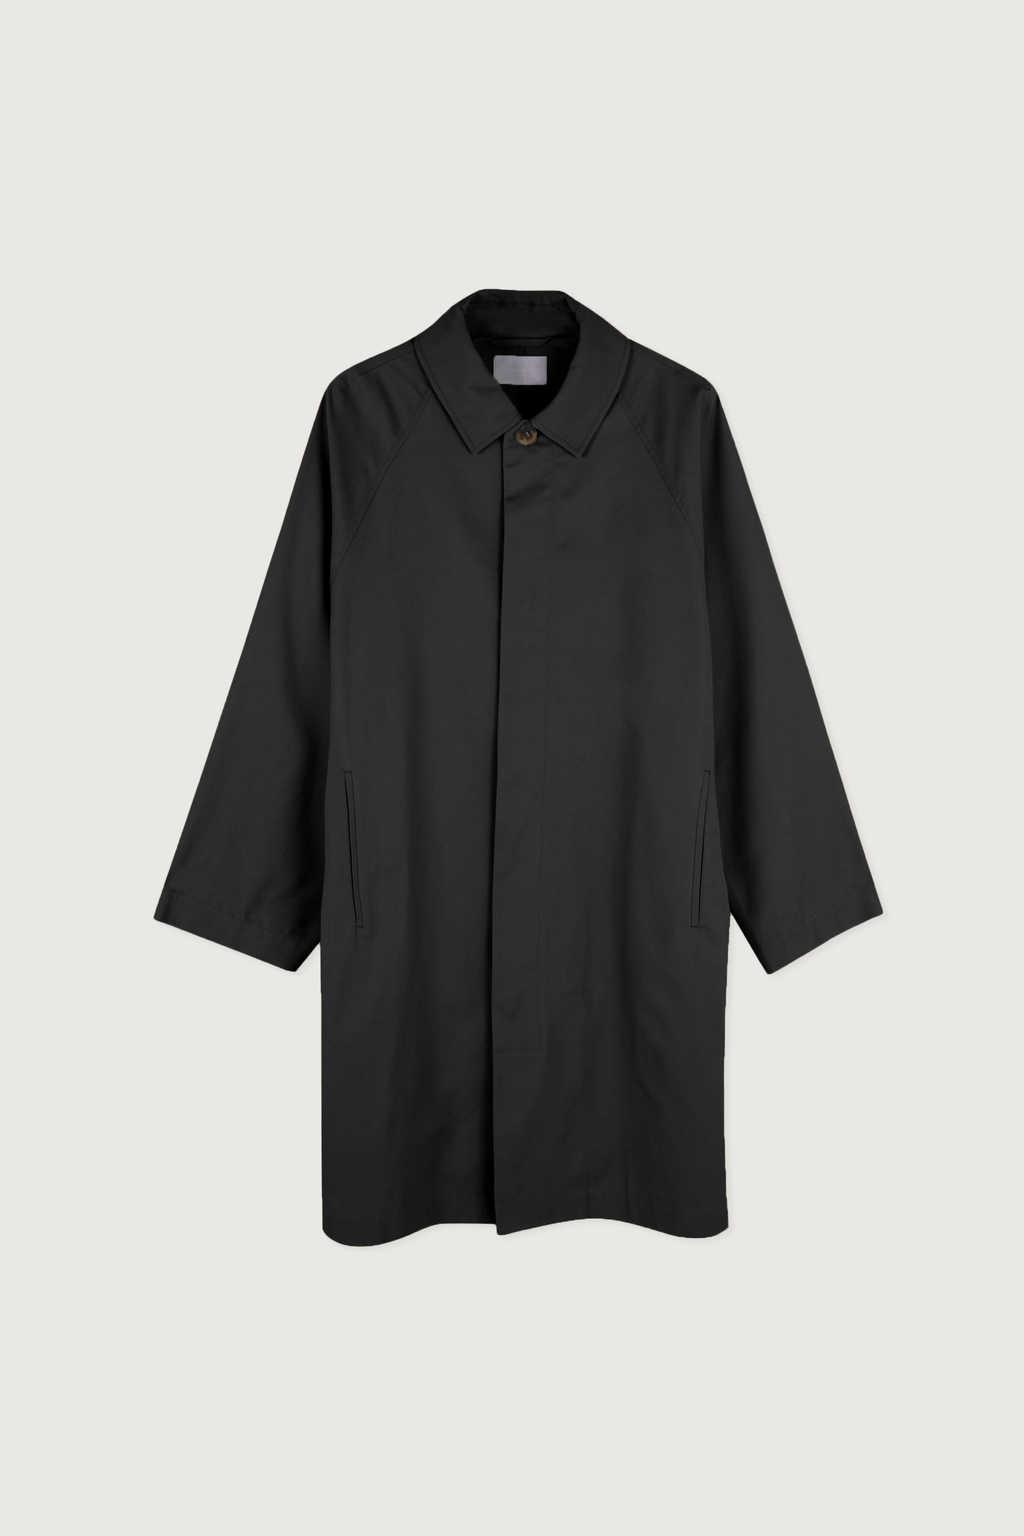 Coat 3402 Black 5